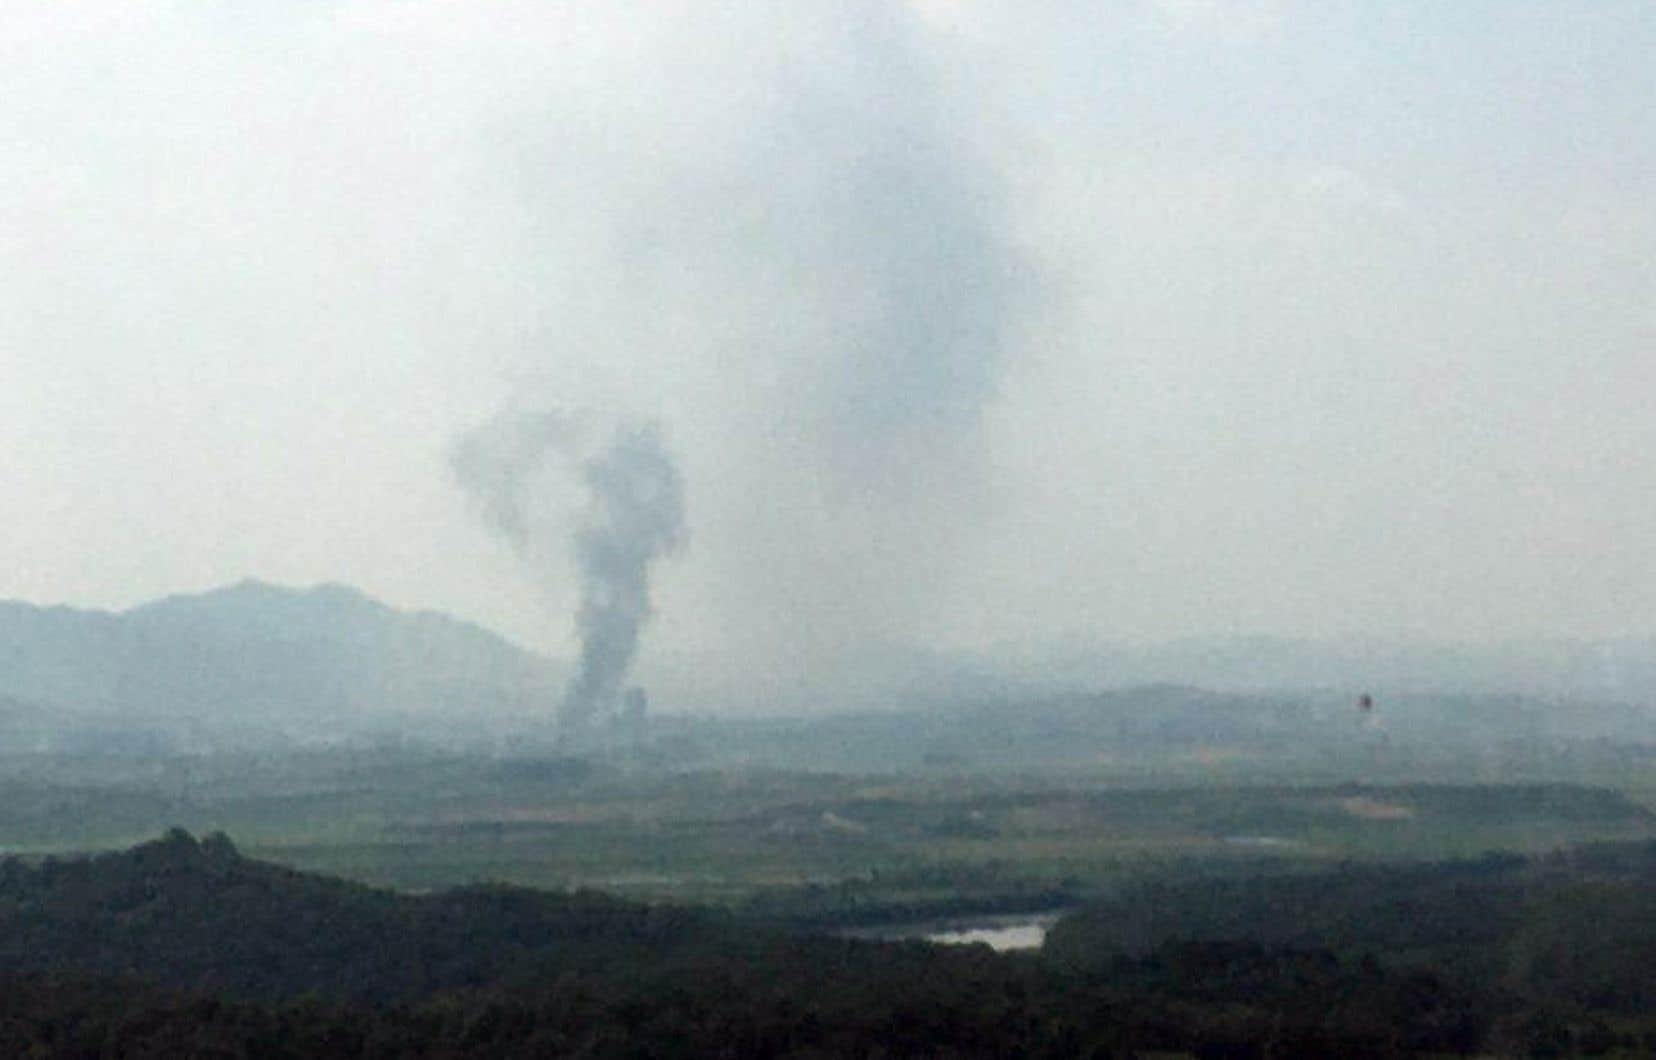 <p>La télévision sud-coréenne a diffusé des images montrant de la fumée s'élevant de la zone industrielle située de l'autre côté de la frontière, dans la ville nord-coréenne de Kaesong, où le bureau de liaison a été installé il y a moins de deux ans.</p>